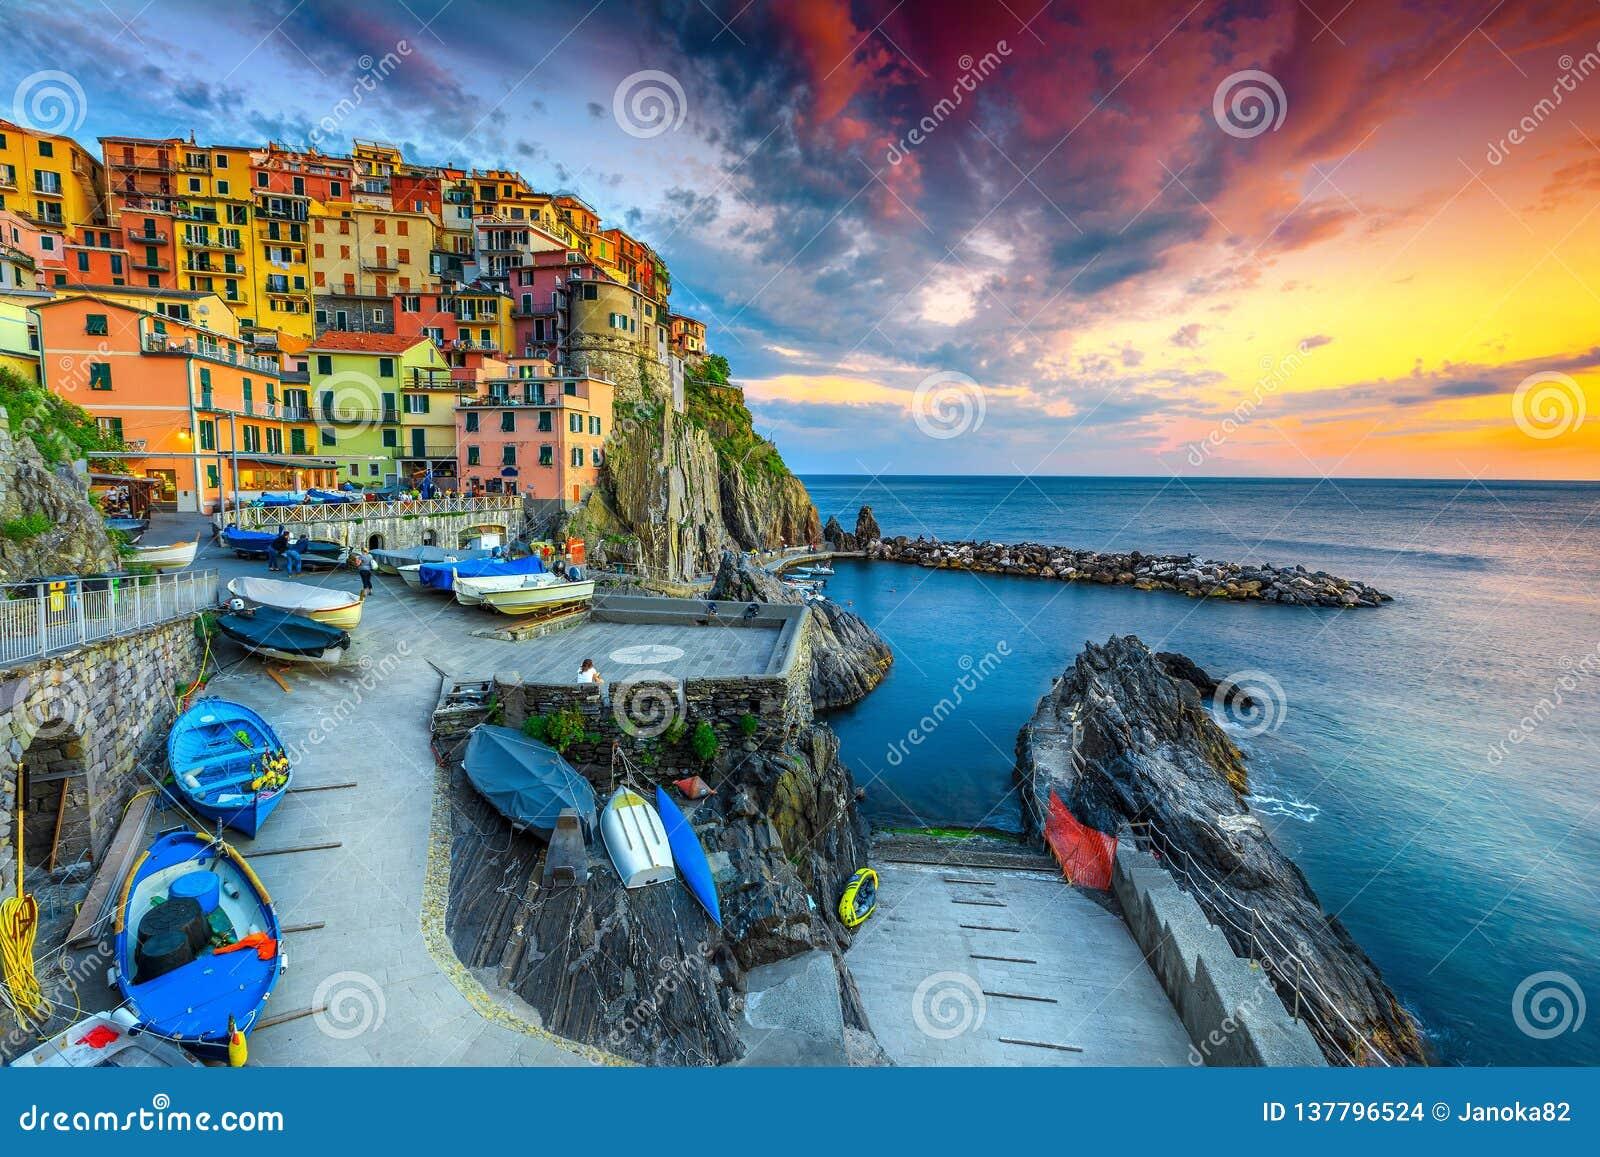 Θαυμάσια λιμάνι και χωριό στο ηλιοβασίλεμα, Manarola, Cinque Terre, Ιταλία